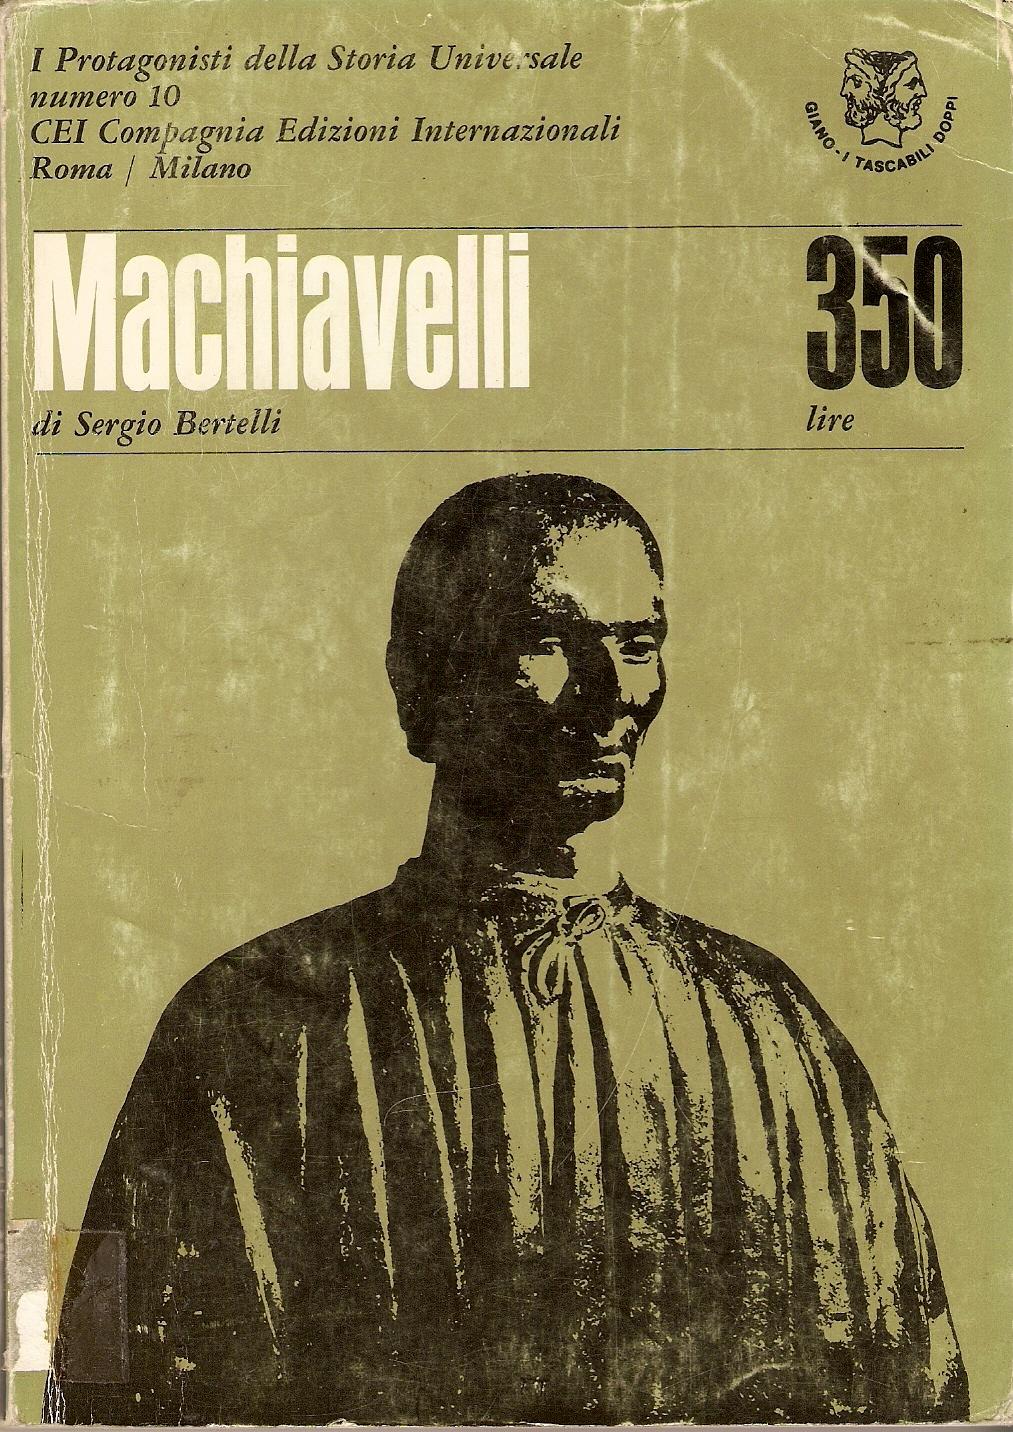 Lorenzo il magnifico / Machiavelli